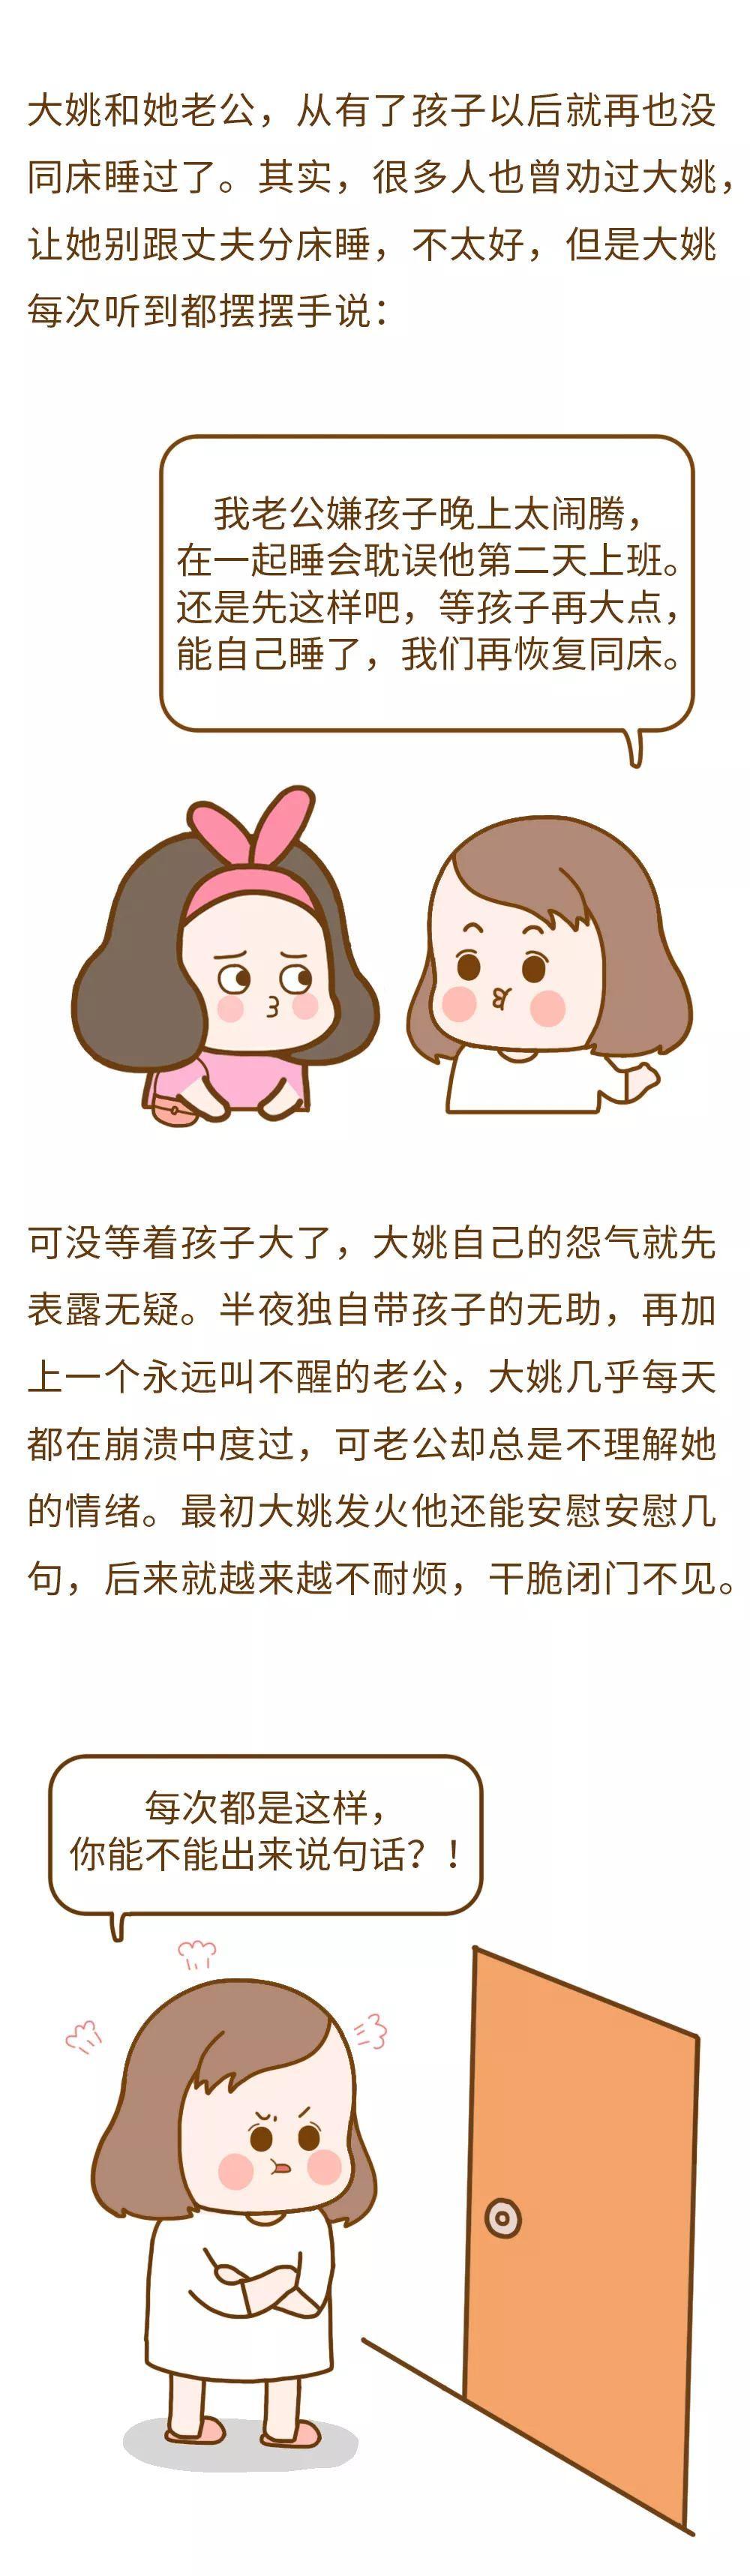 美高梅手机版官方网站 5